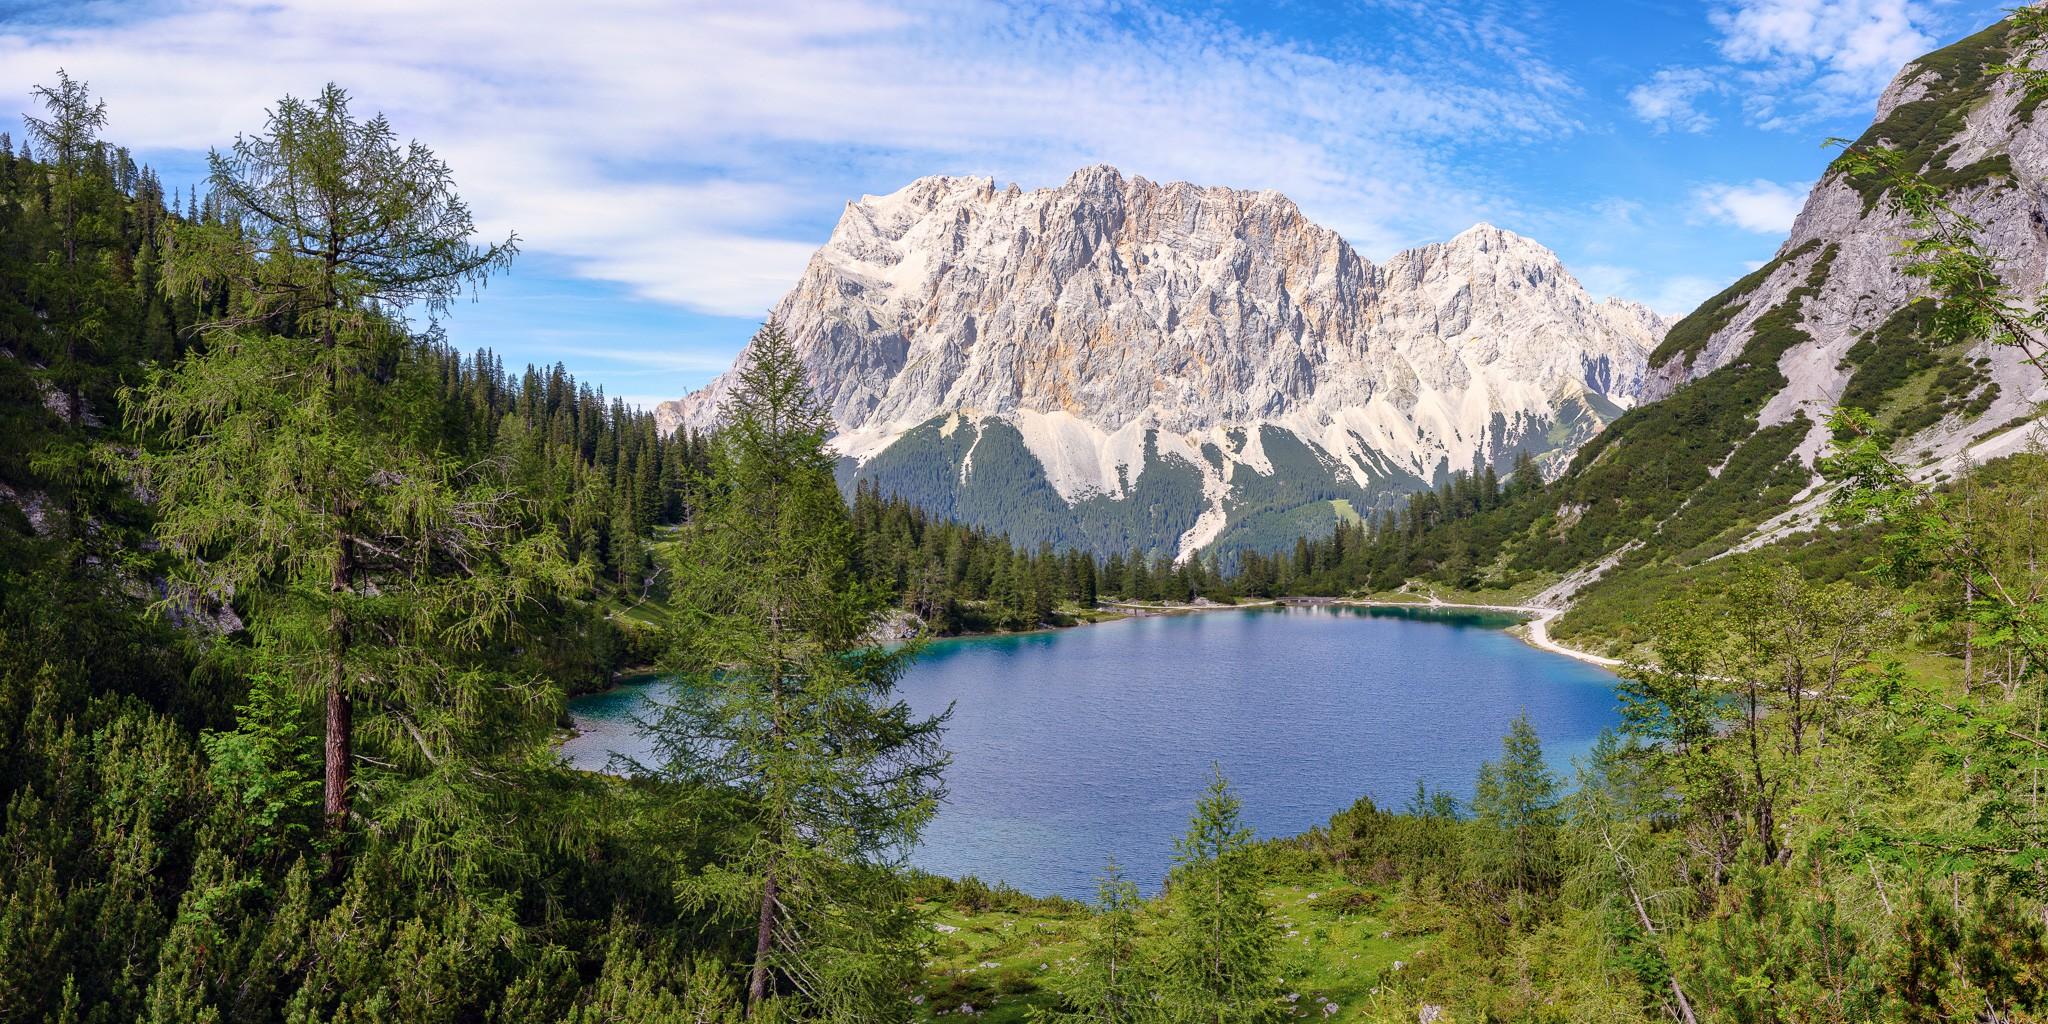 Blick auf den idyllischen Seebensee aus dem Bergwald mit Lärchen und Latschen. Im Hintergrund das Zugspitzmassiv mit dem Schneefernerkopf.